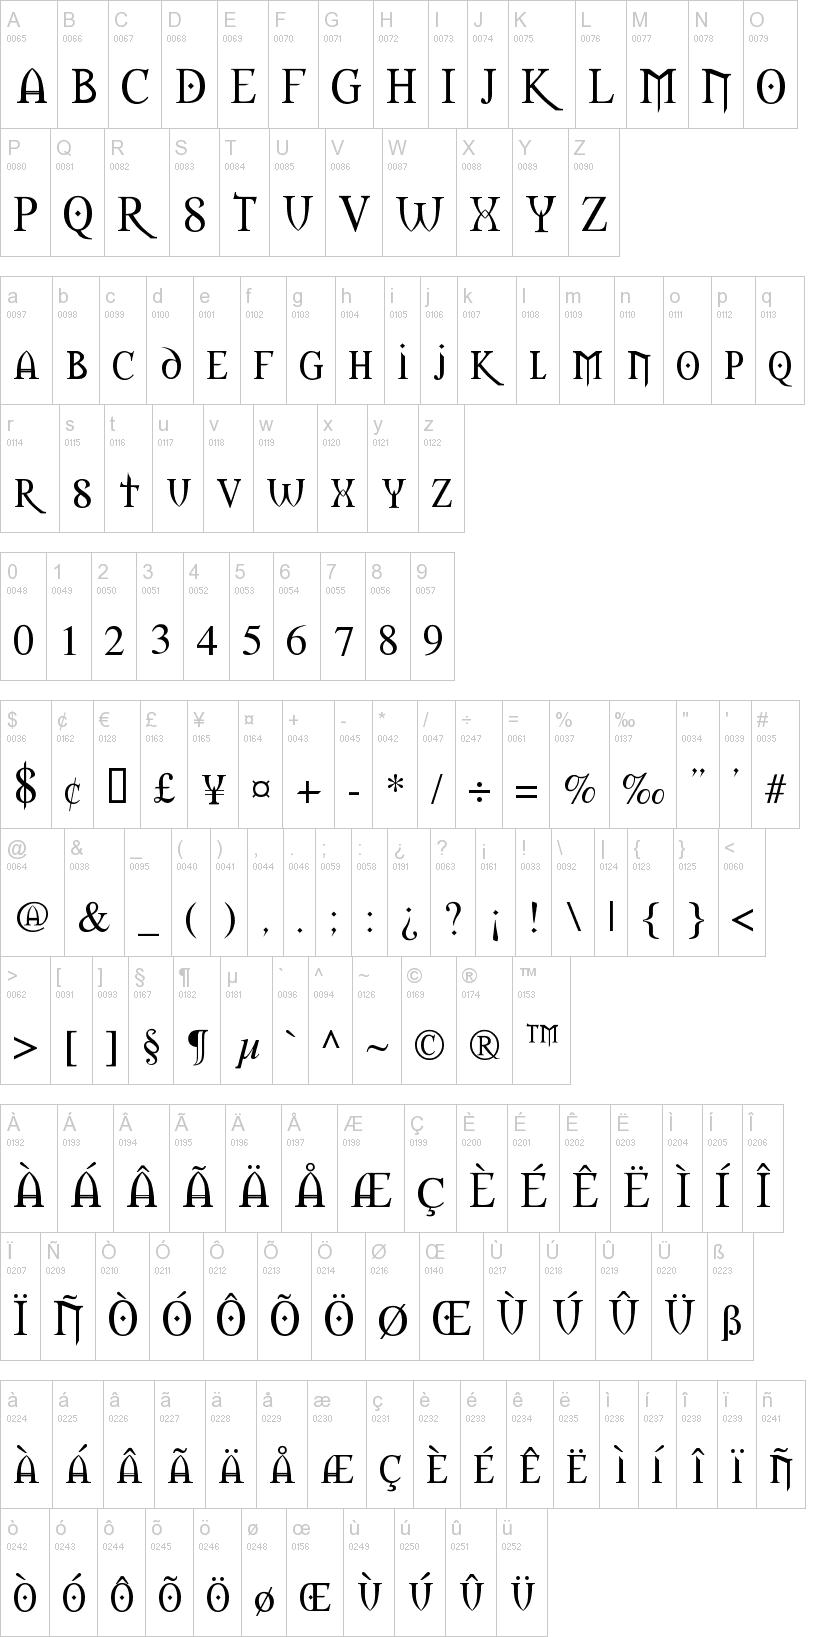 Morpheus Font | dafont com